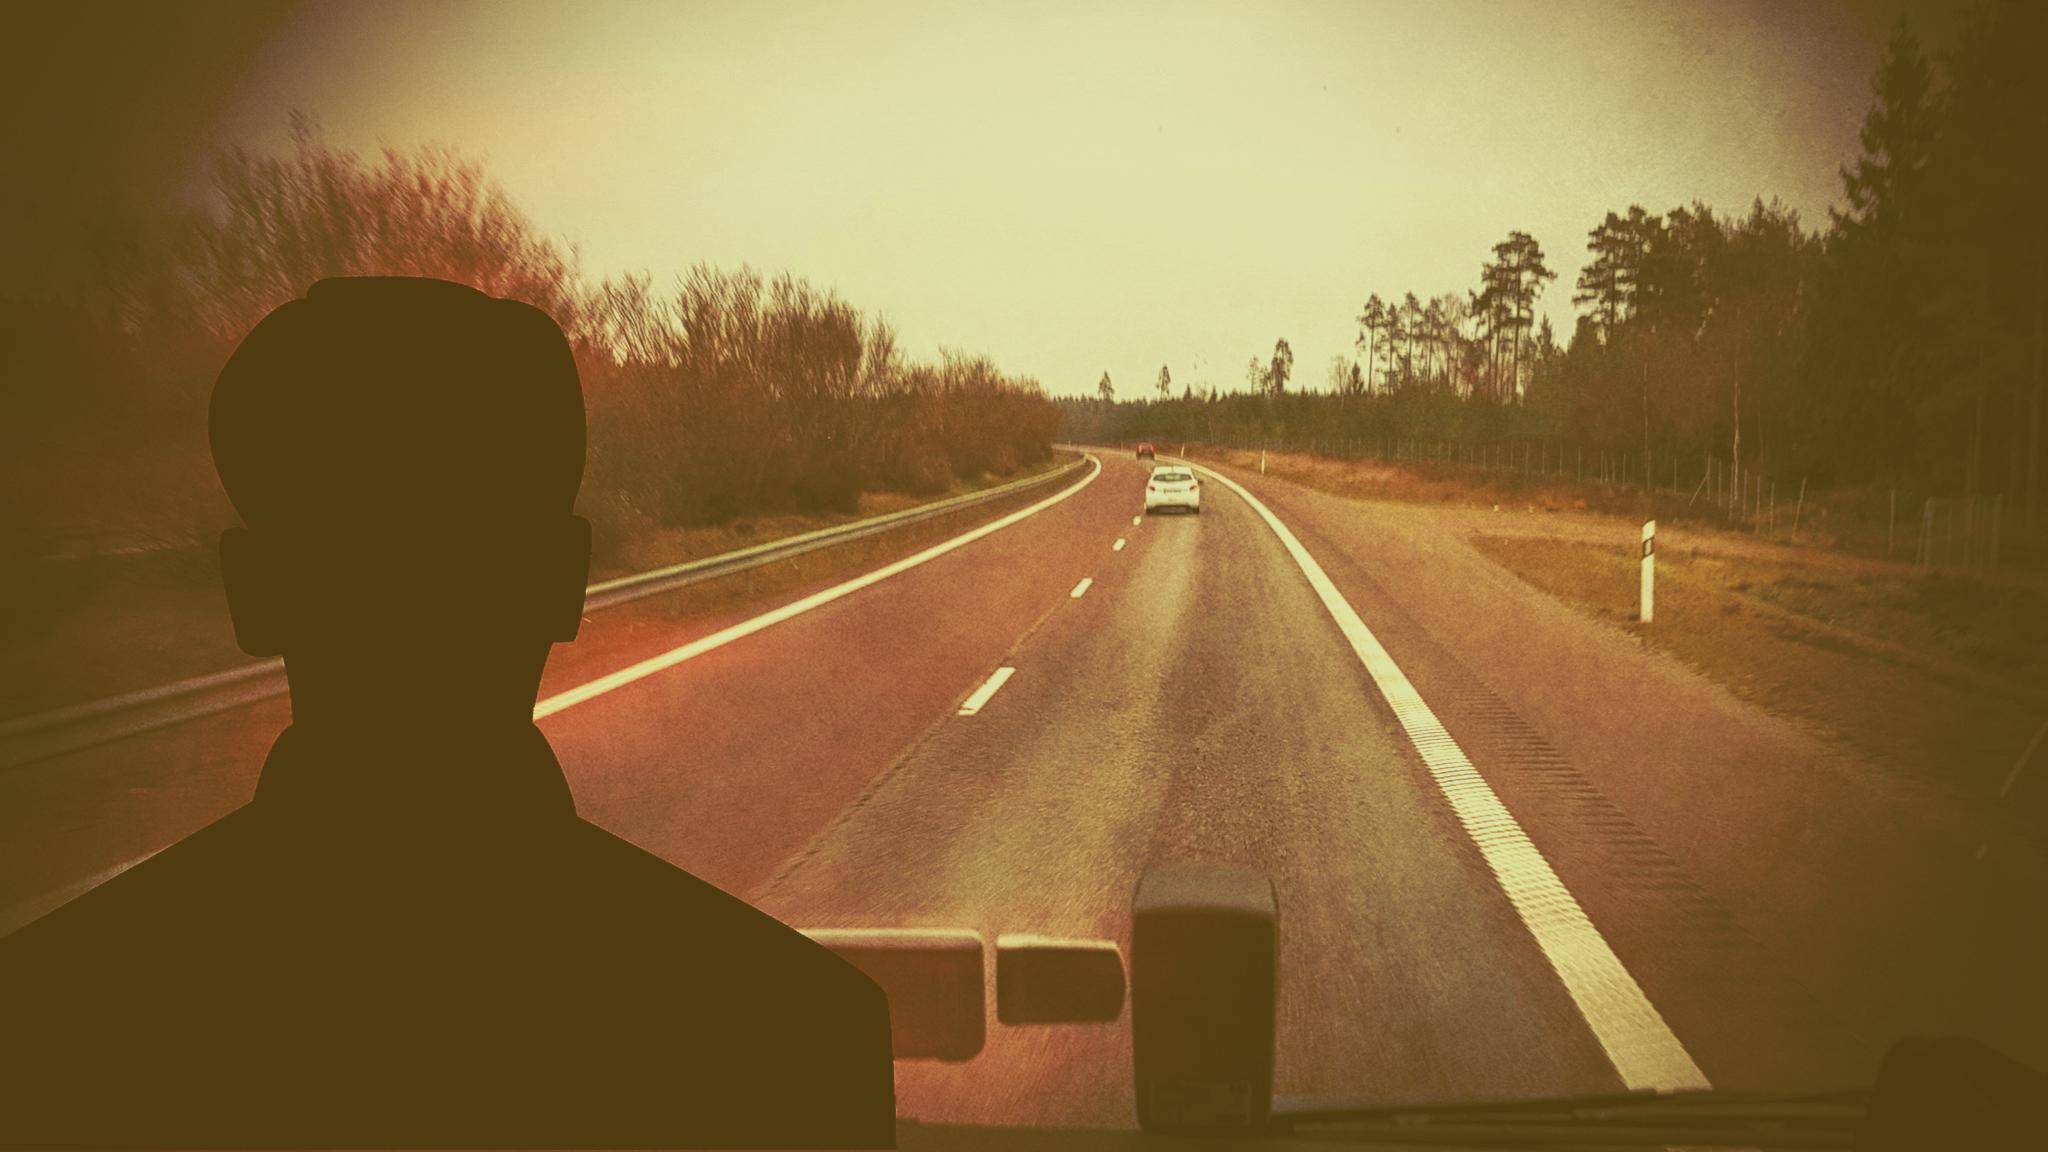 Del 1,Arbetsmarknadens skuggsidor:Svartjobb på vägarna